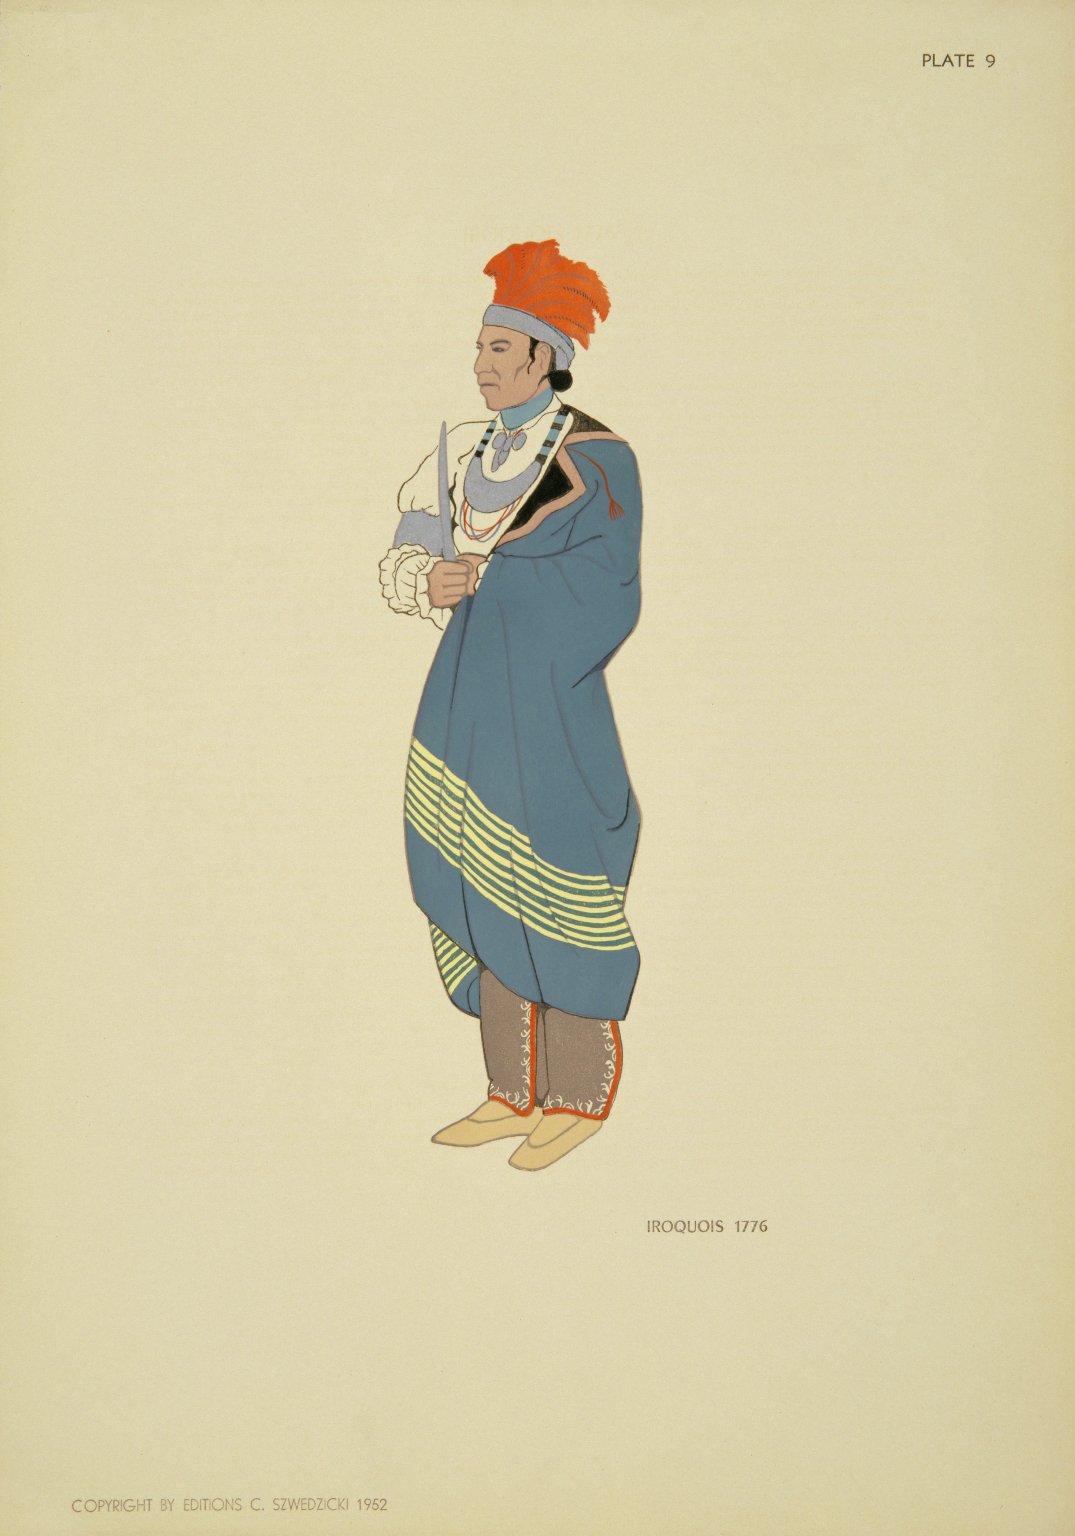 IROQUOIS 1776